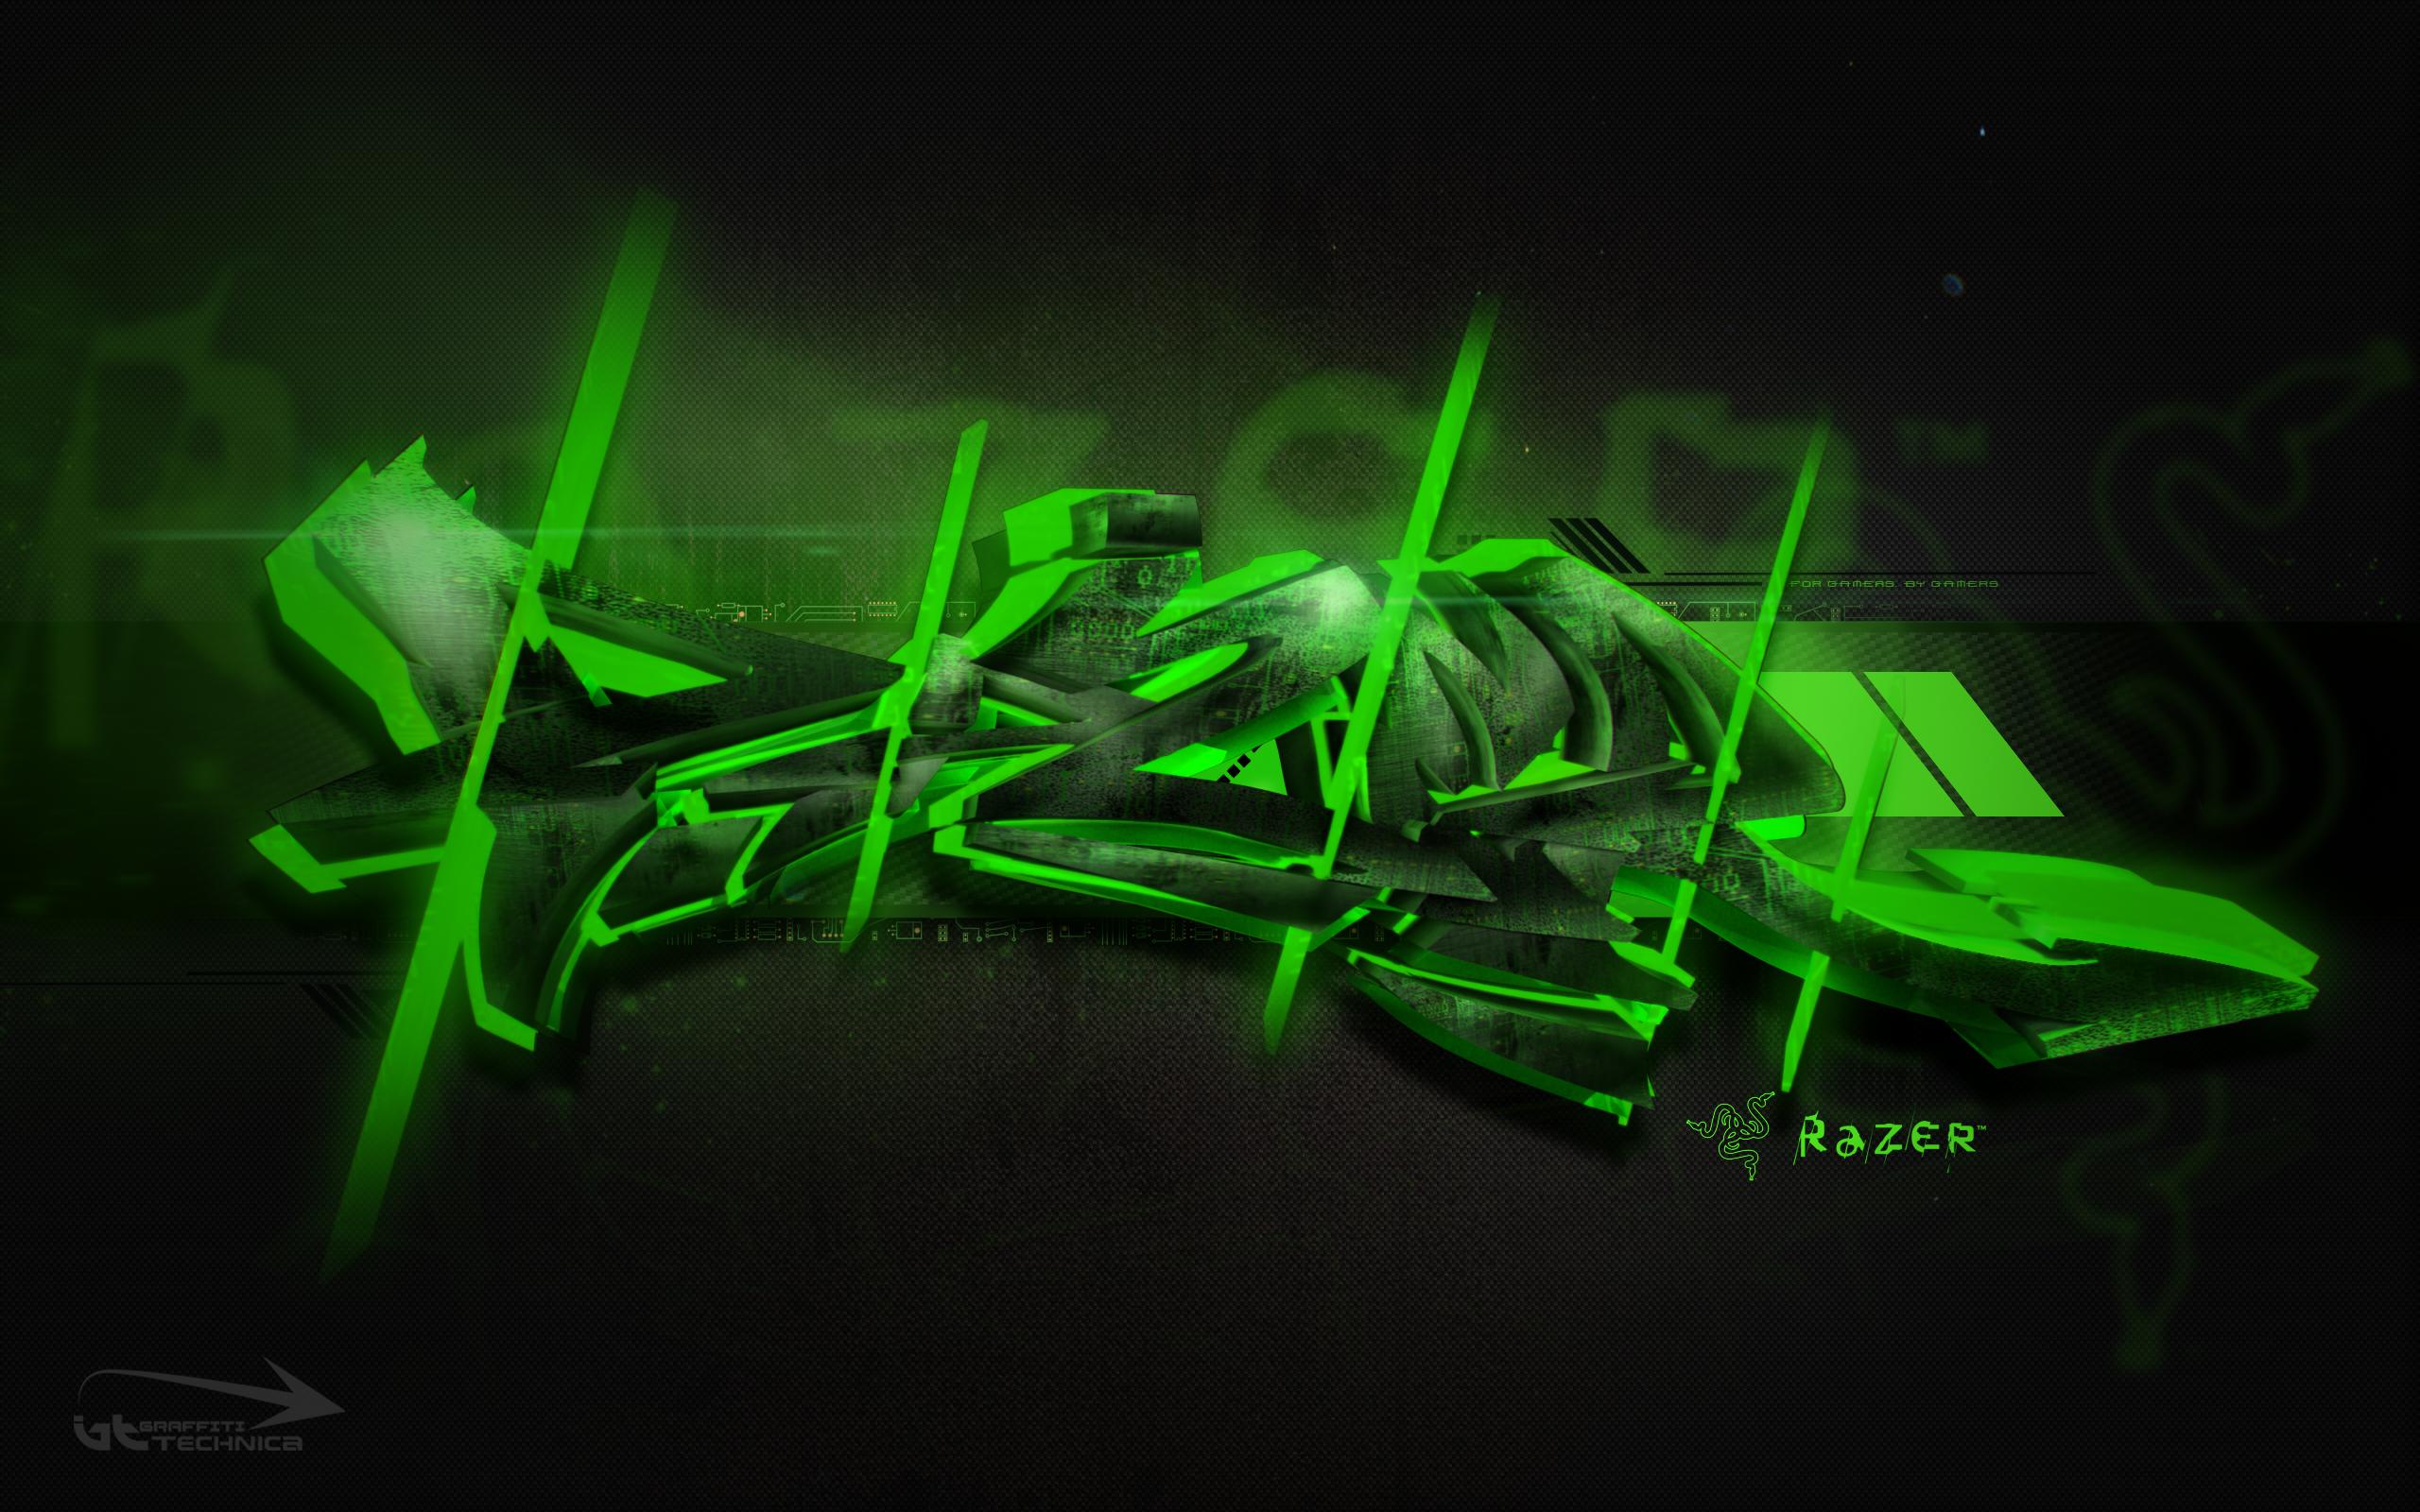 47 <b>Razer</b> Fonds d&#39-ecran HD | Arriere-plans - Wallpaper Abyss